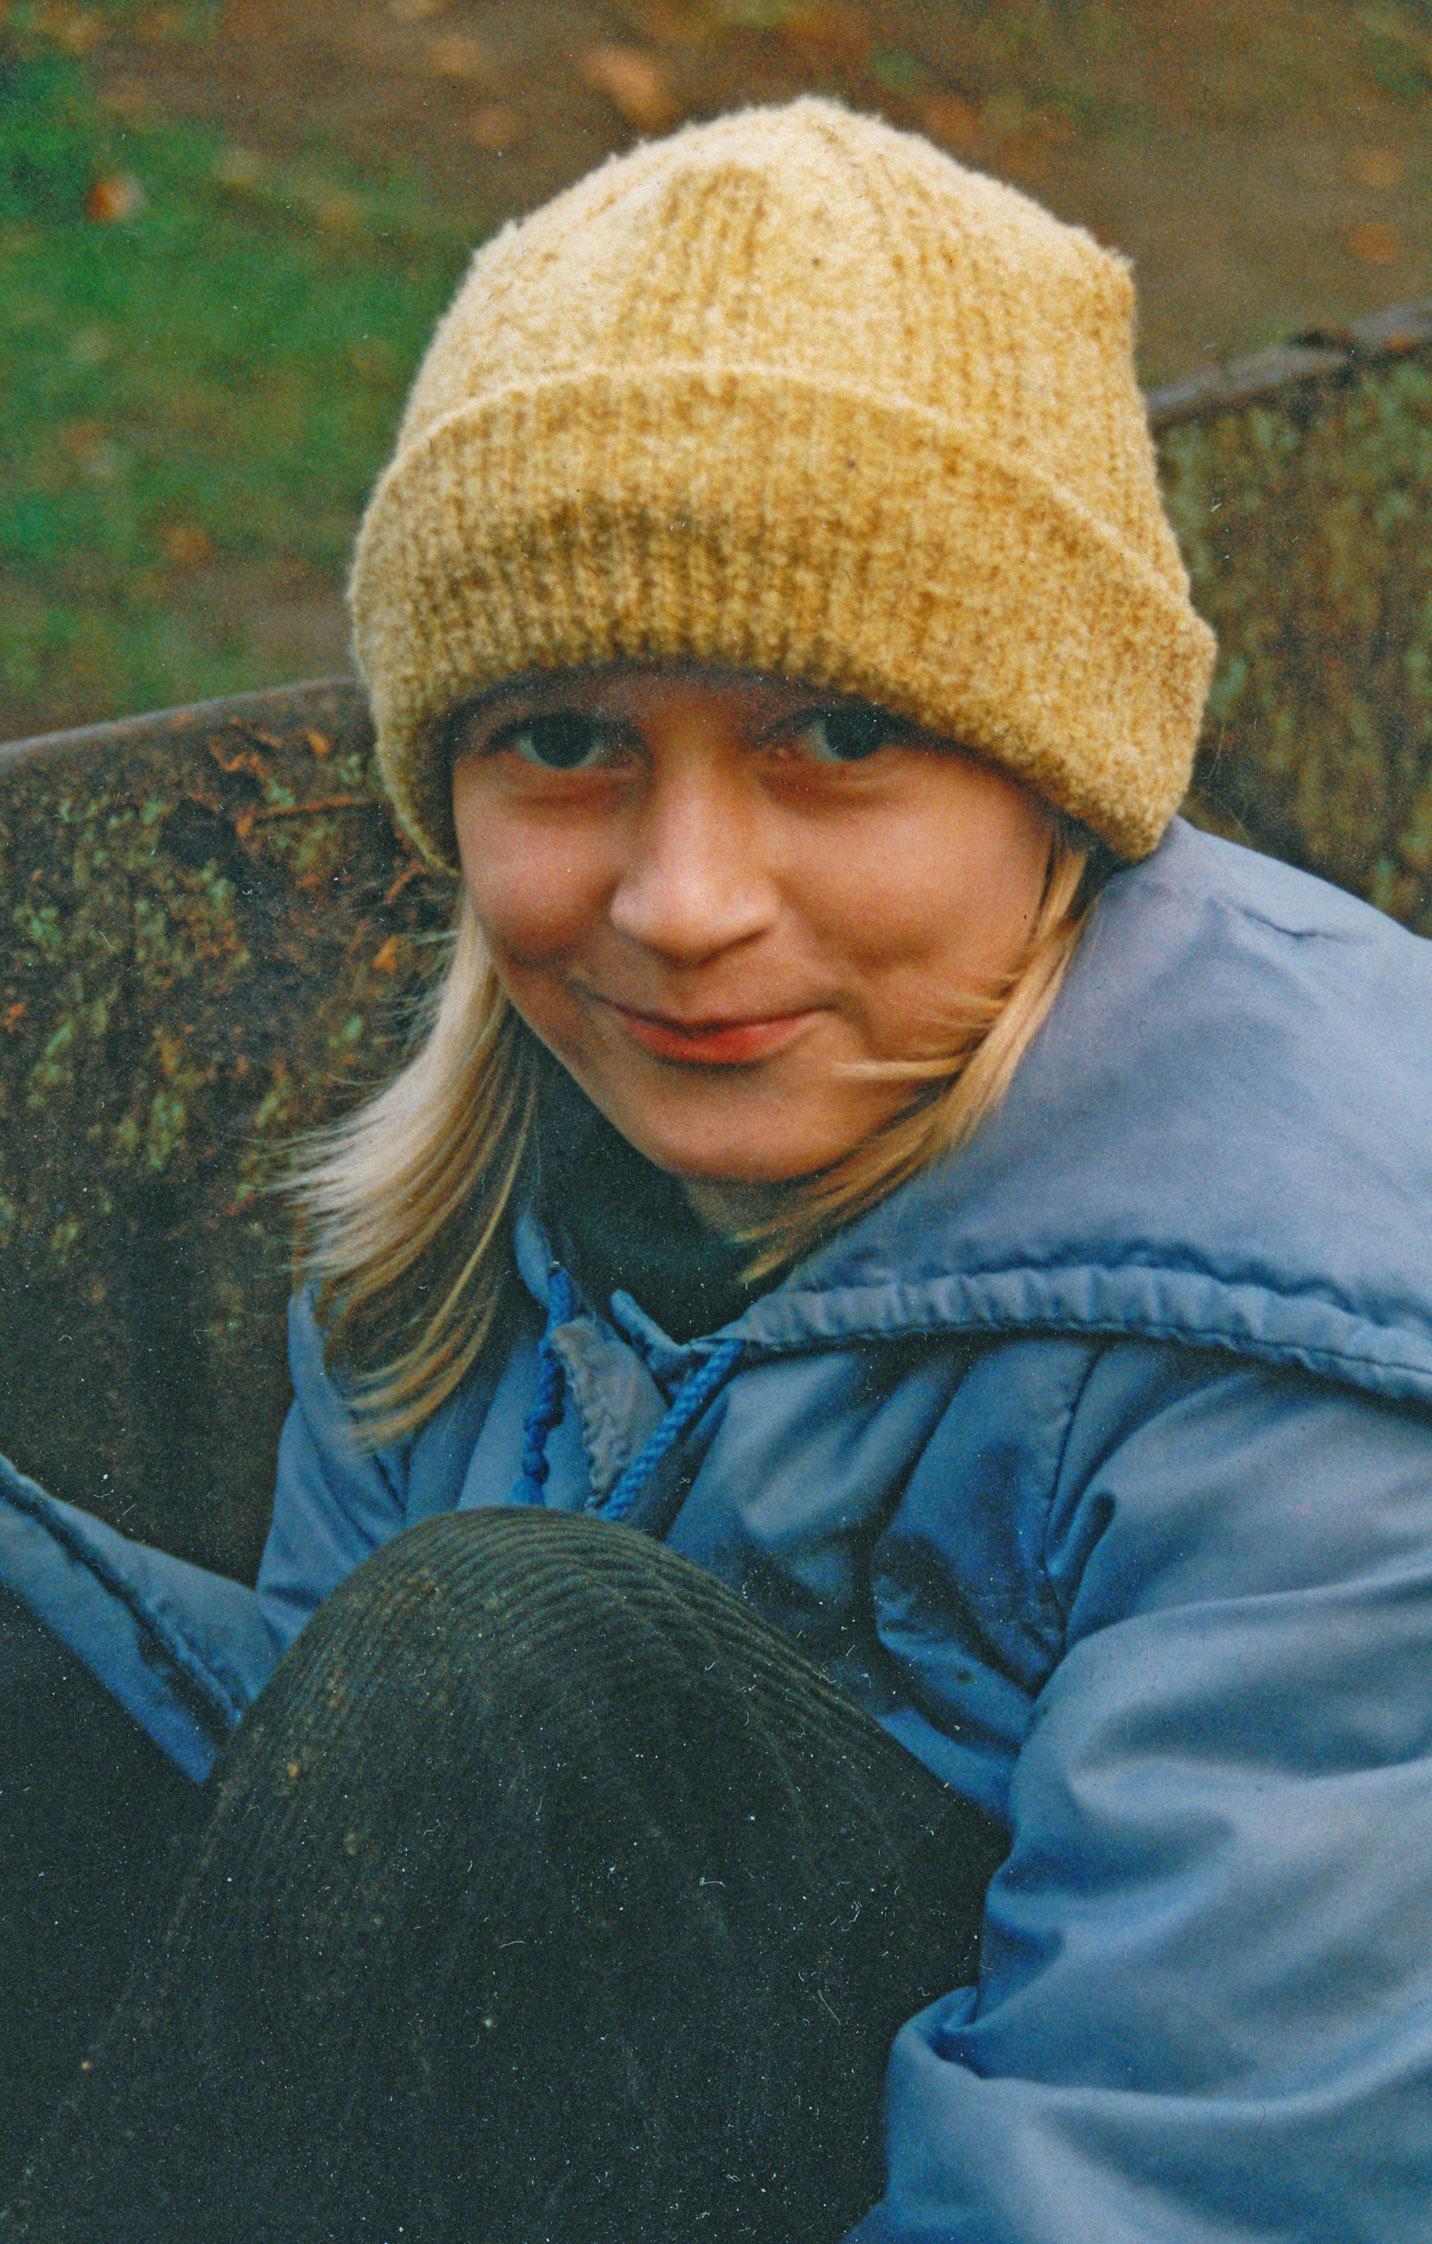 Nimi: Elisa, Kuvaaja: Kari Heino